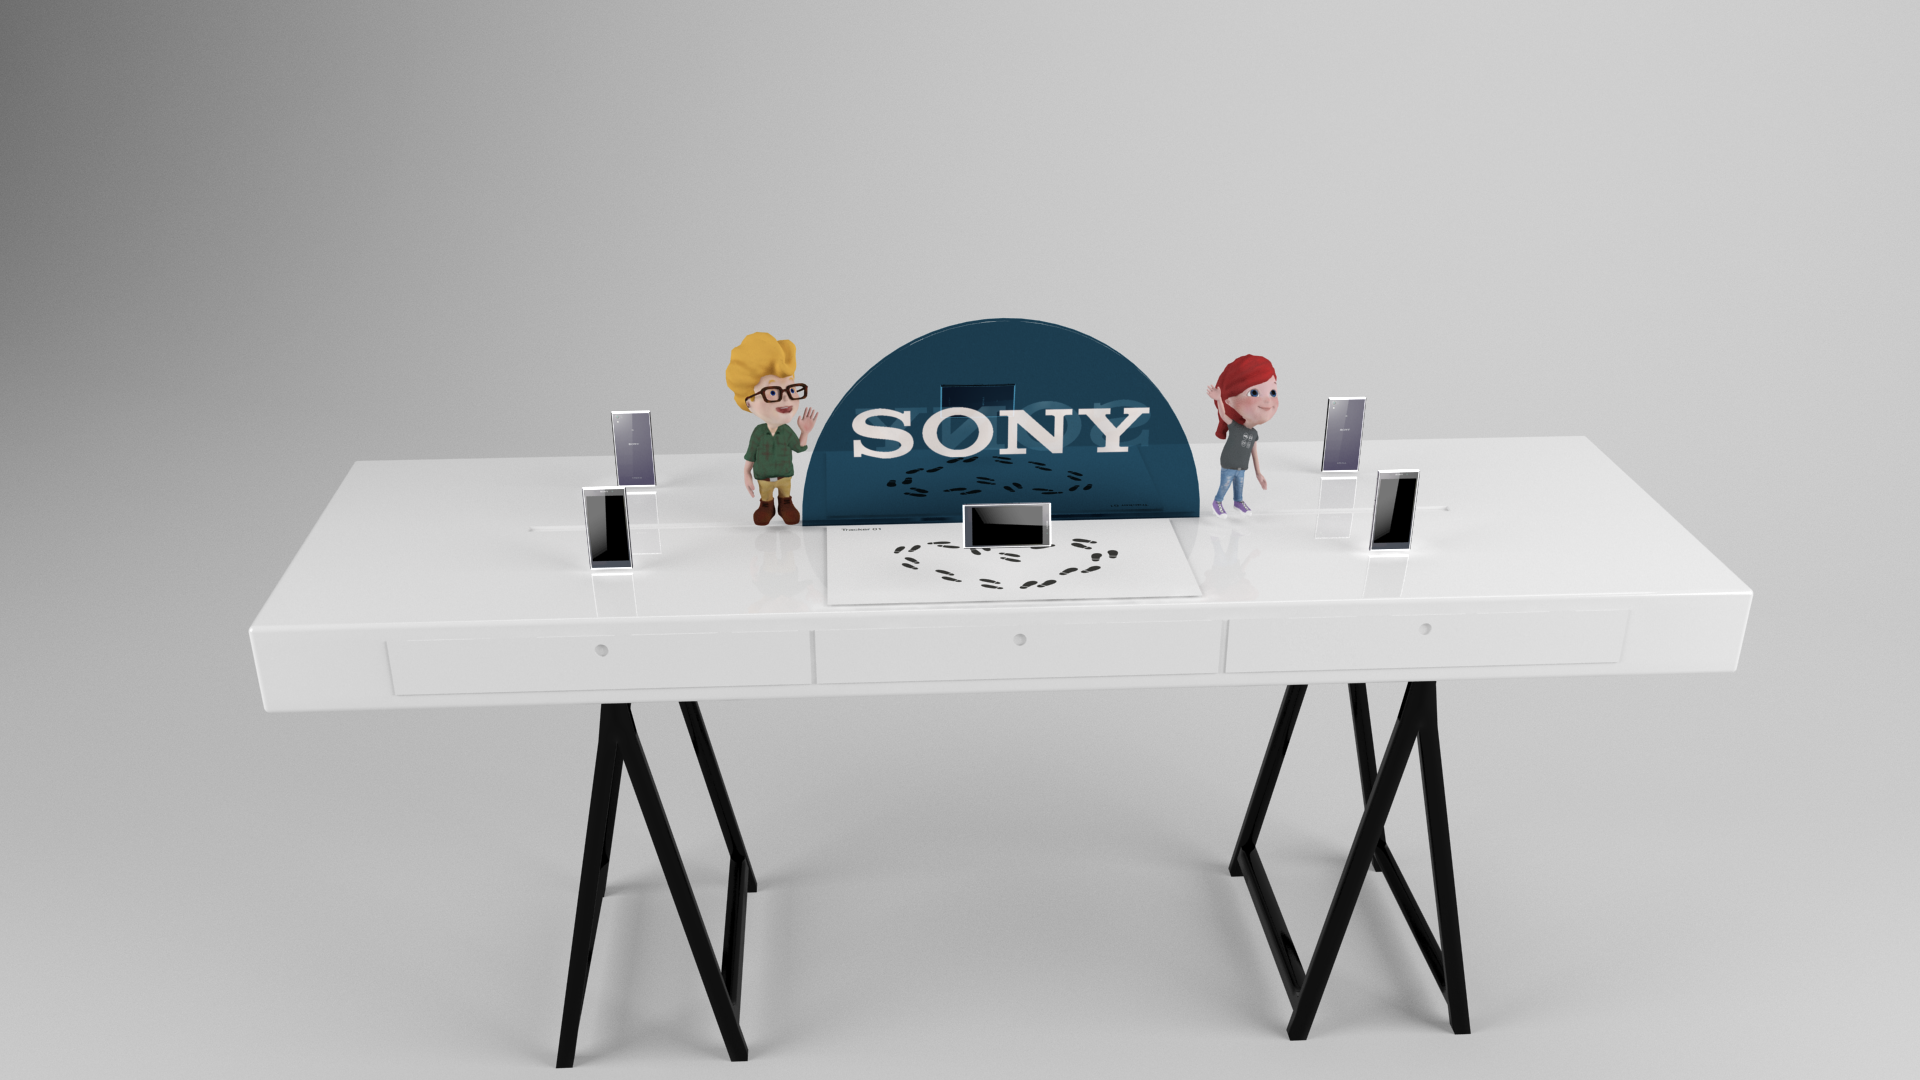 Sony_Telekom_POS_15